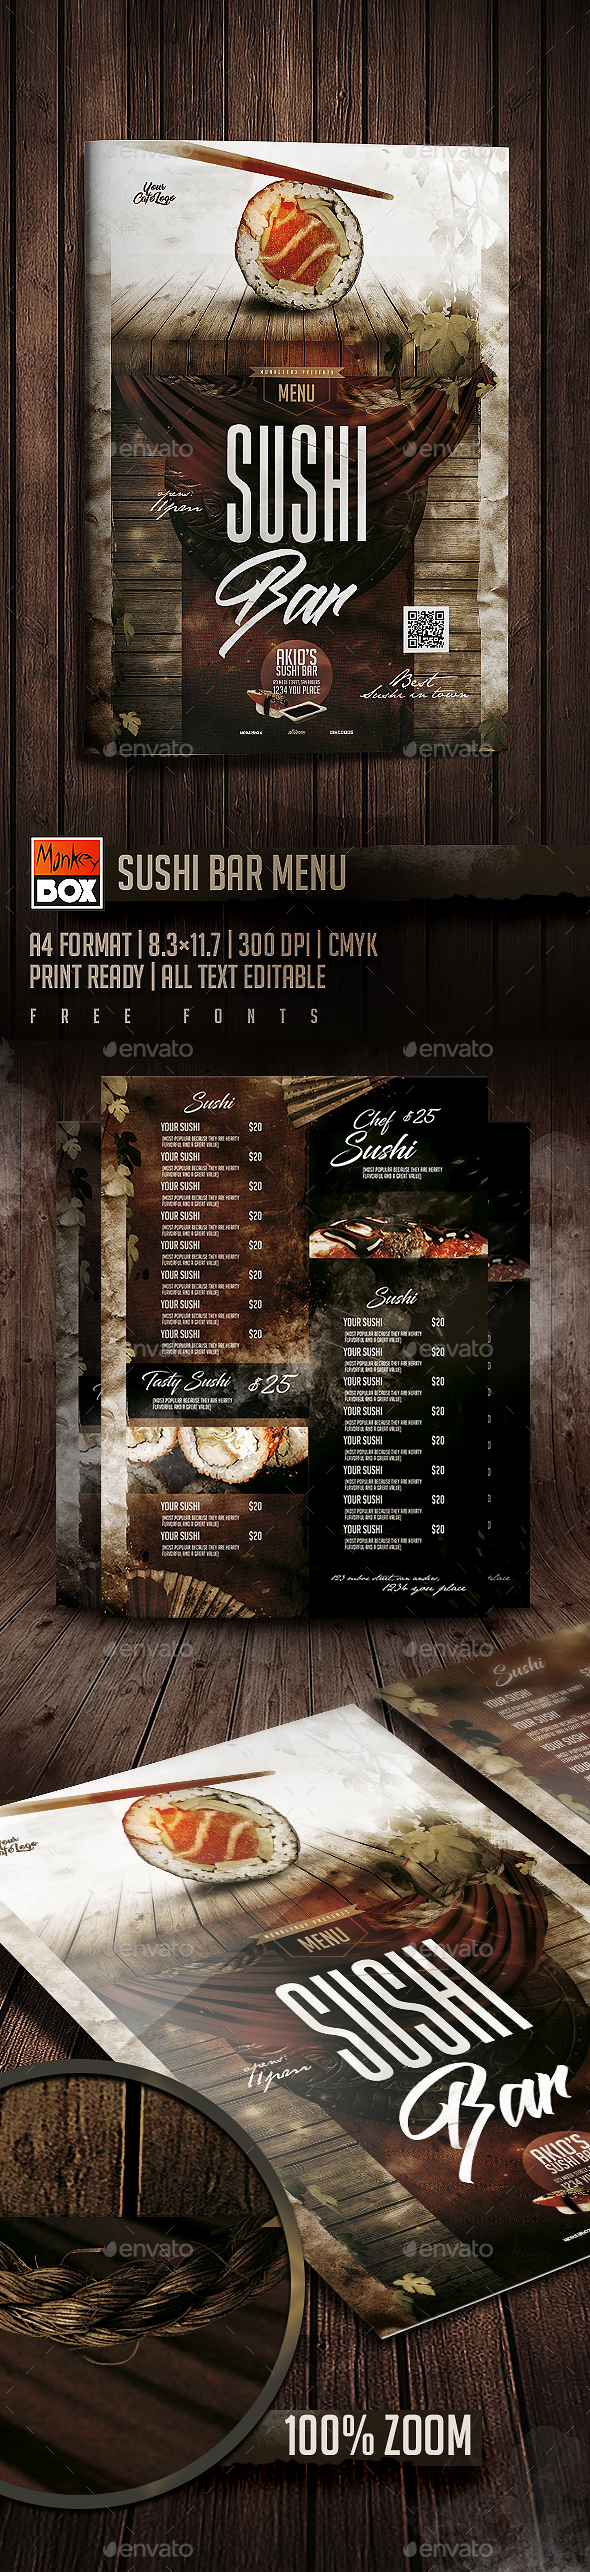 Sushi Bar Menu - Food Menus Print Templates